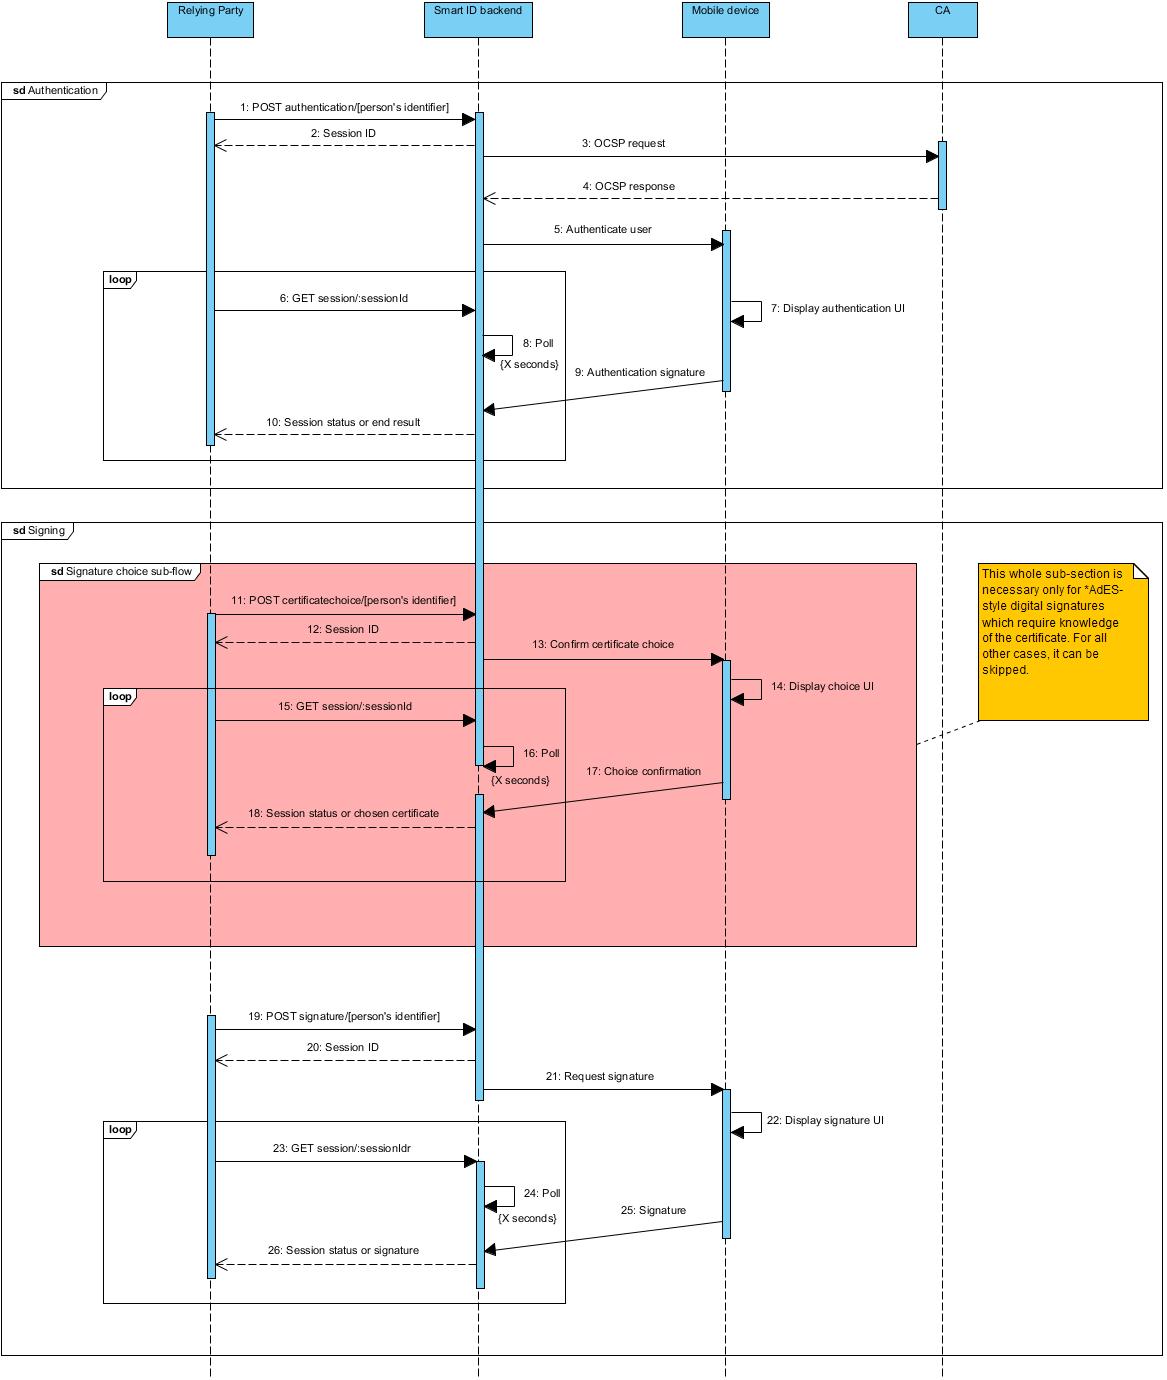 RP API sequences